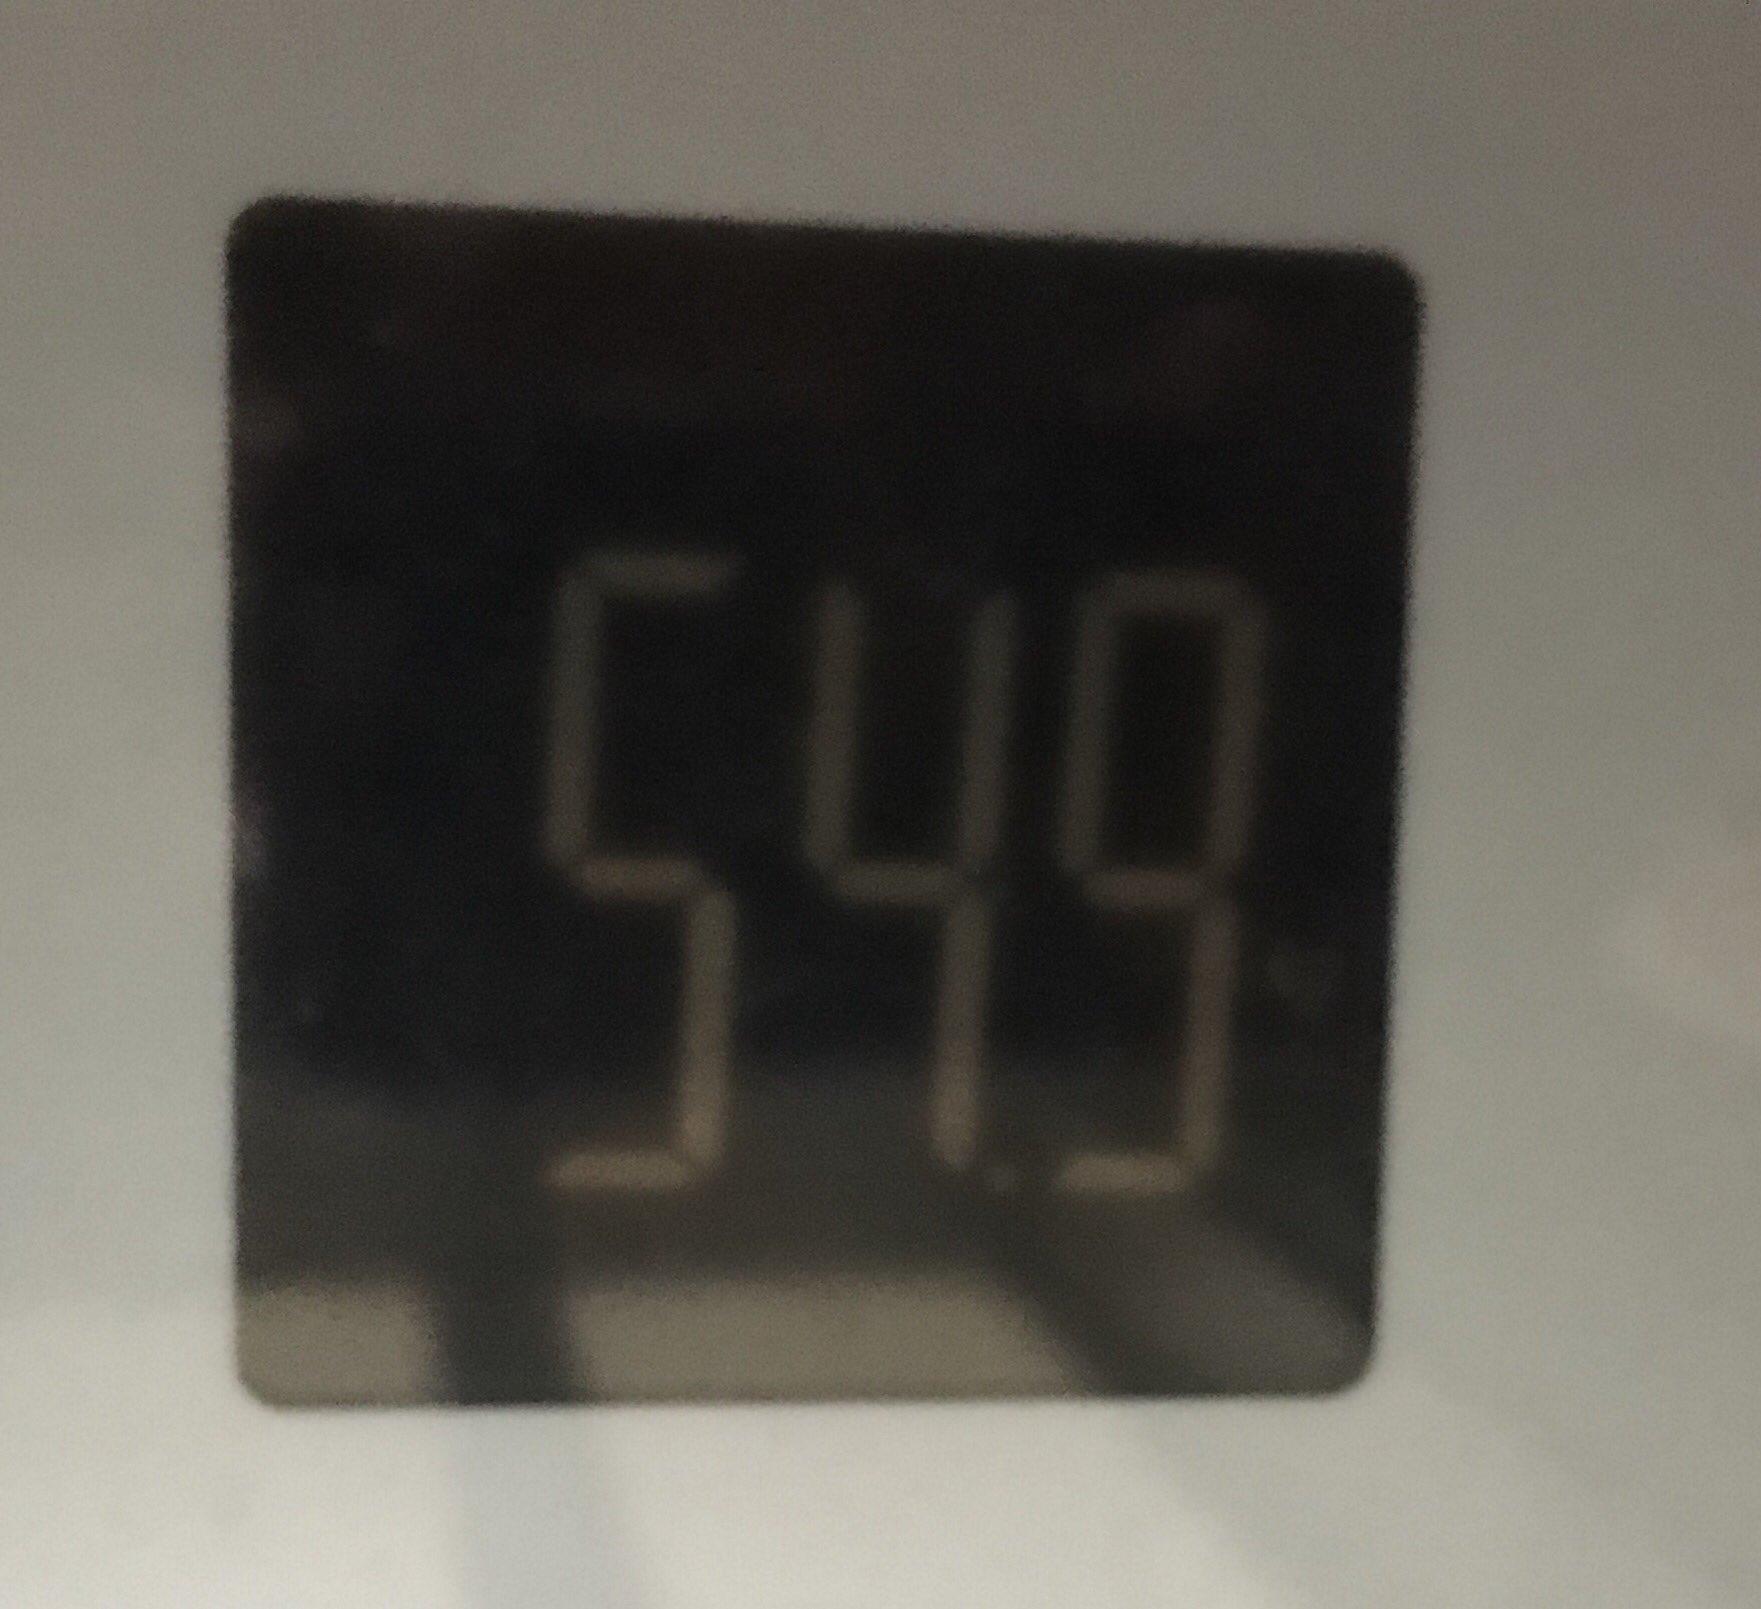 ストイックすぎる!10日で6キロ痩せる方法がこちら!